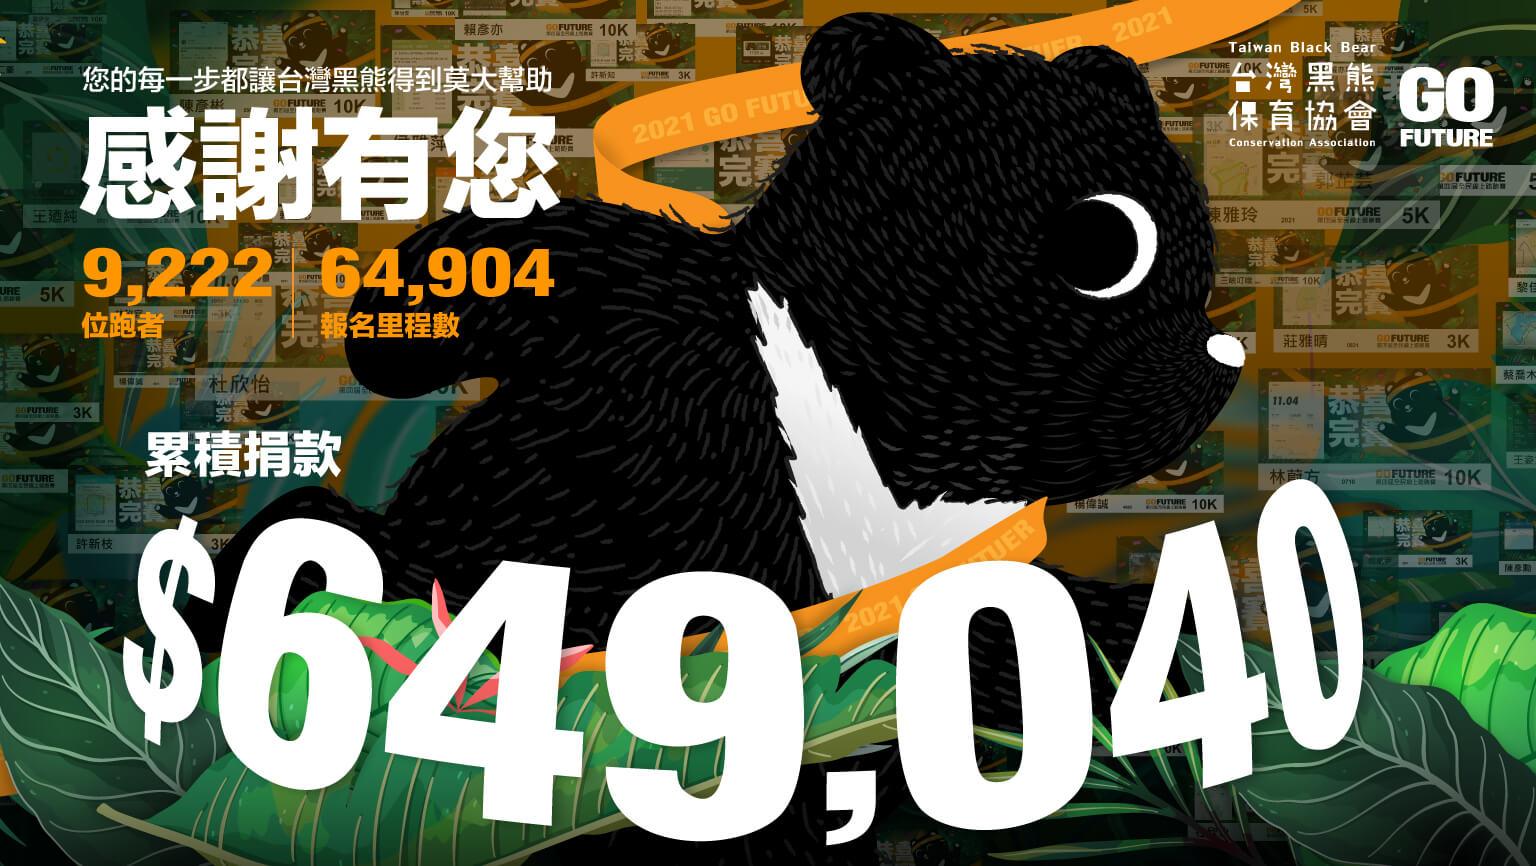 2021 第四屆 Go Future 全民線上路跑 x 台灣黑熊保育協會